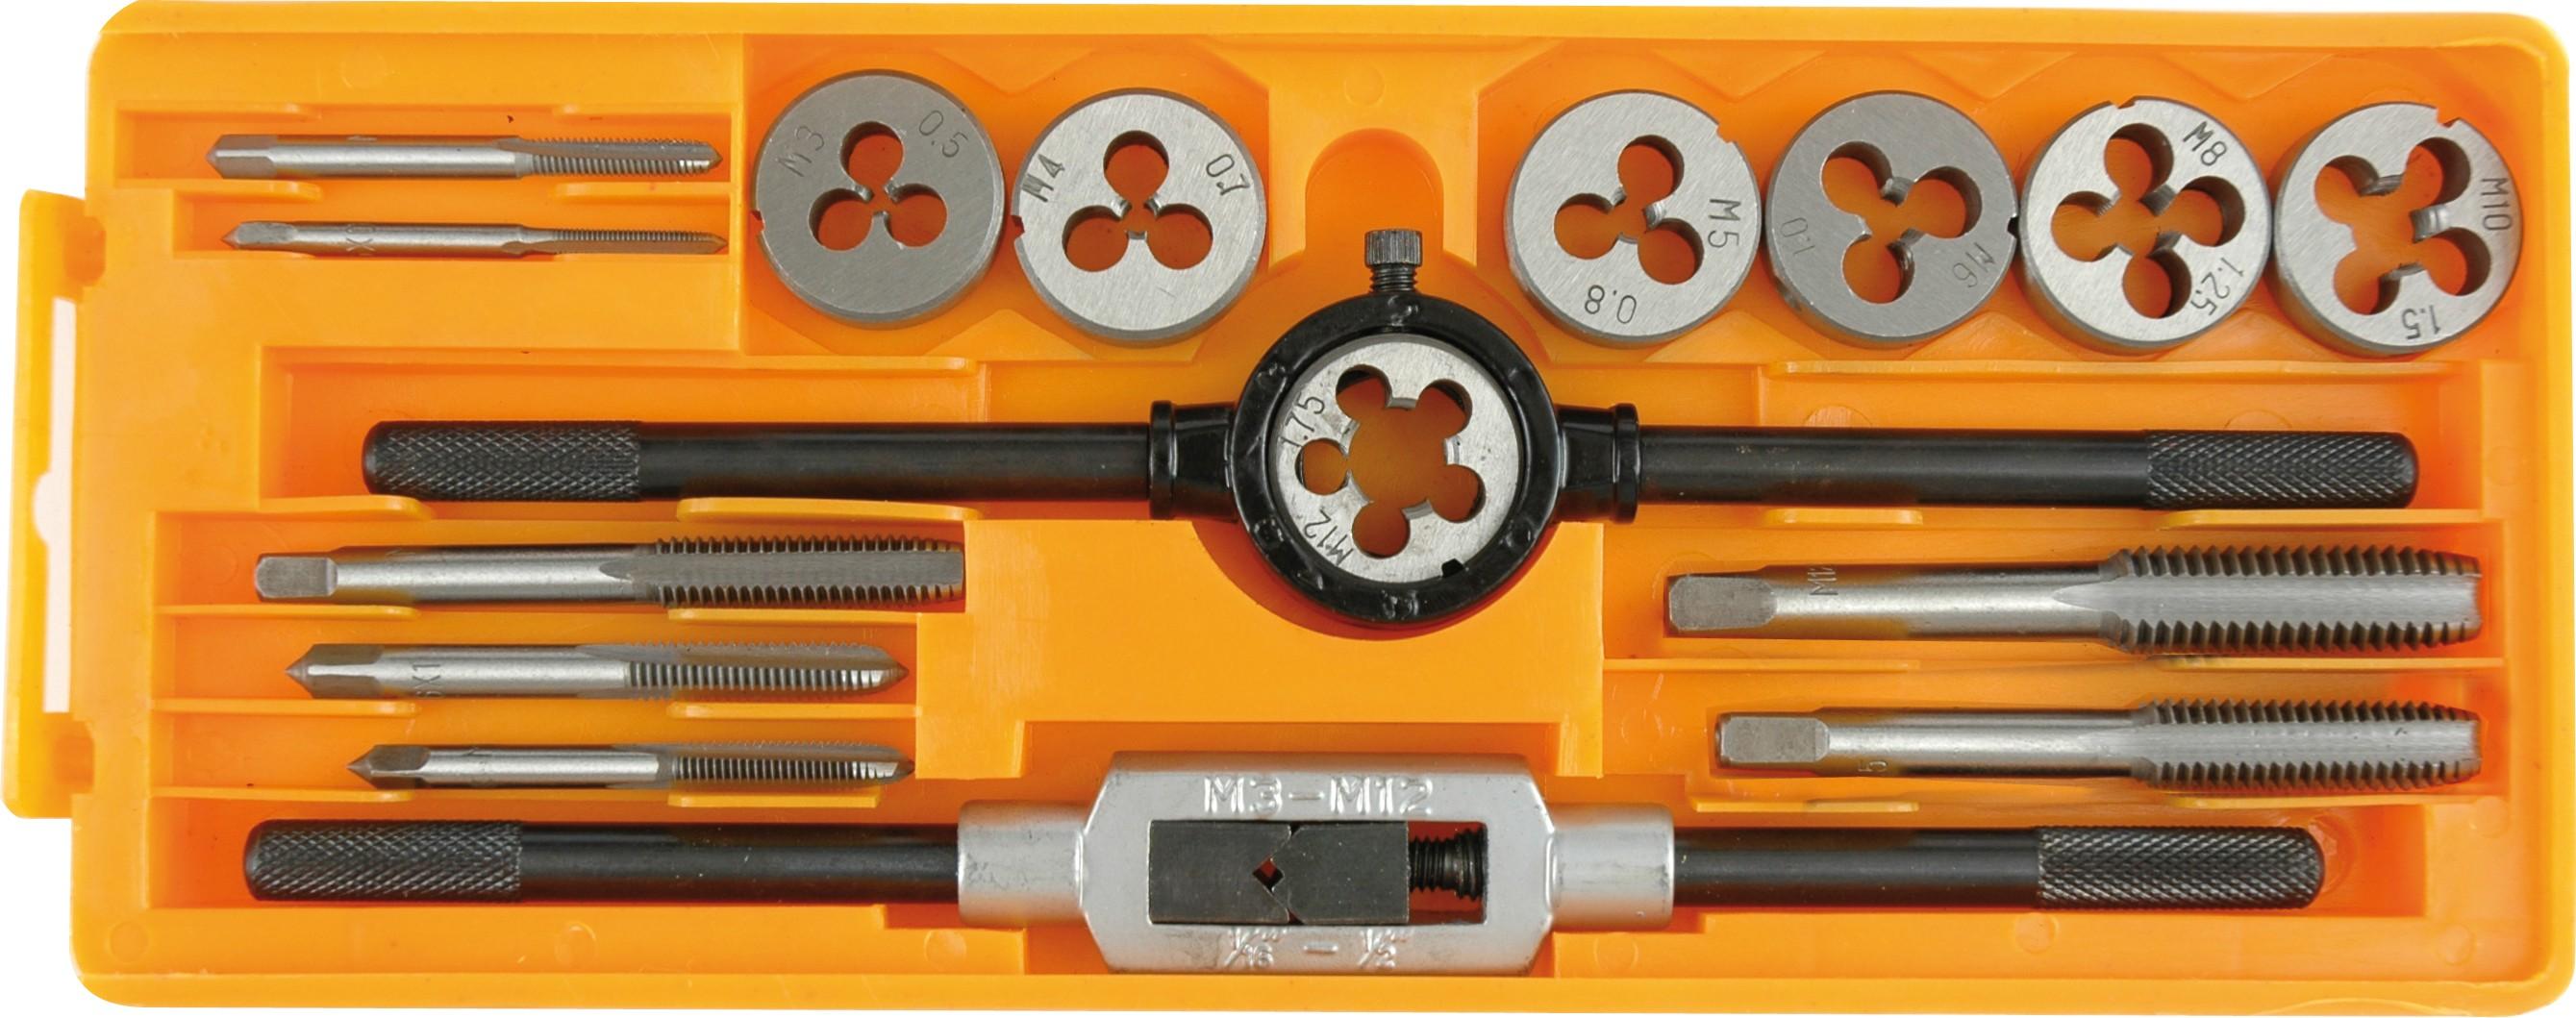 Závitníky a kruhové čelisti M3 - M12 sada